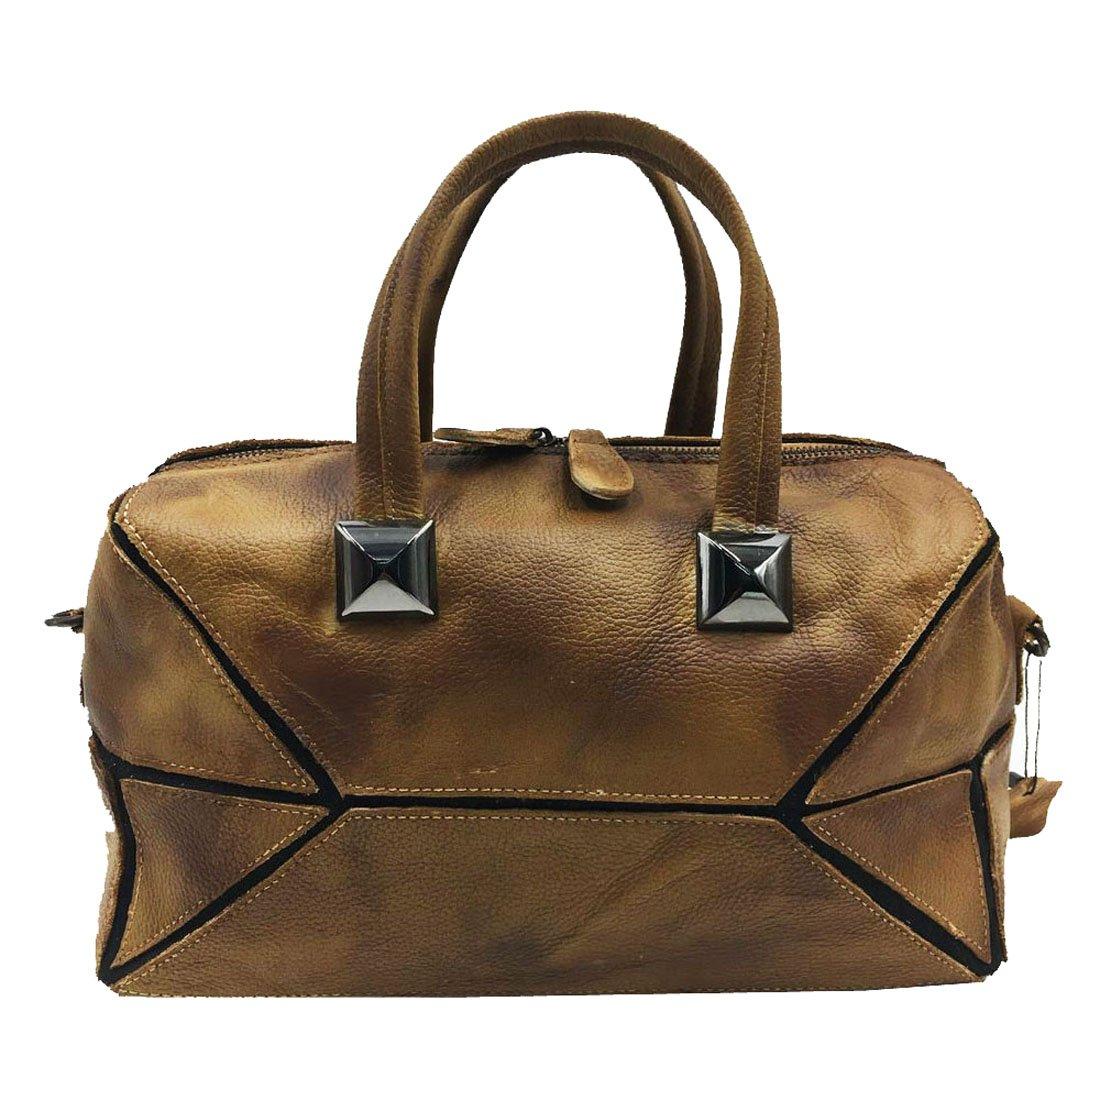 Heshe Vintage Women s Leather Handbags Shoulder Bags Totes Purses Ladies  Designer Cross Body Bag 7025af448c28a